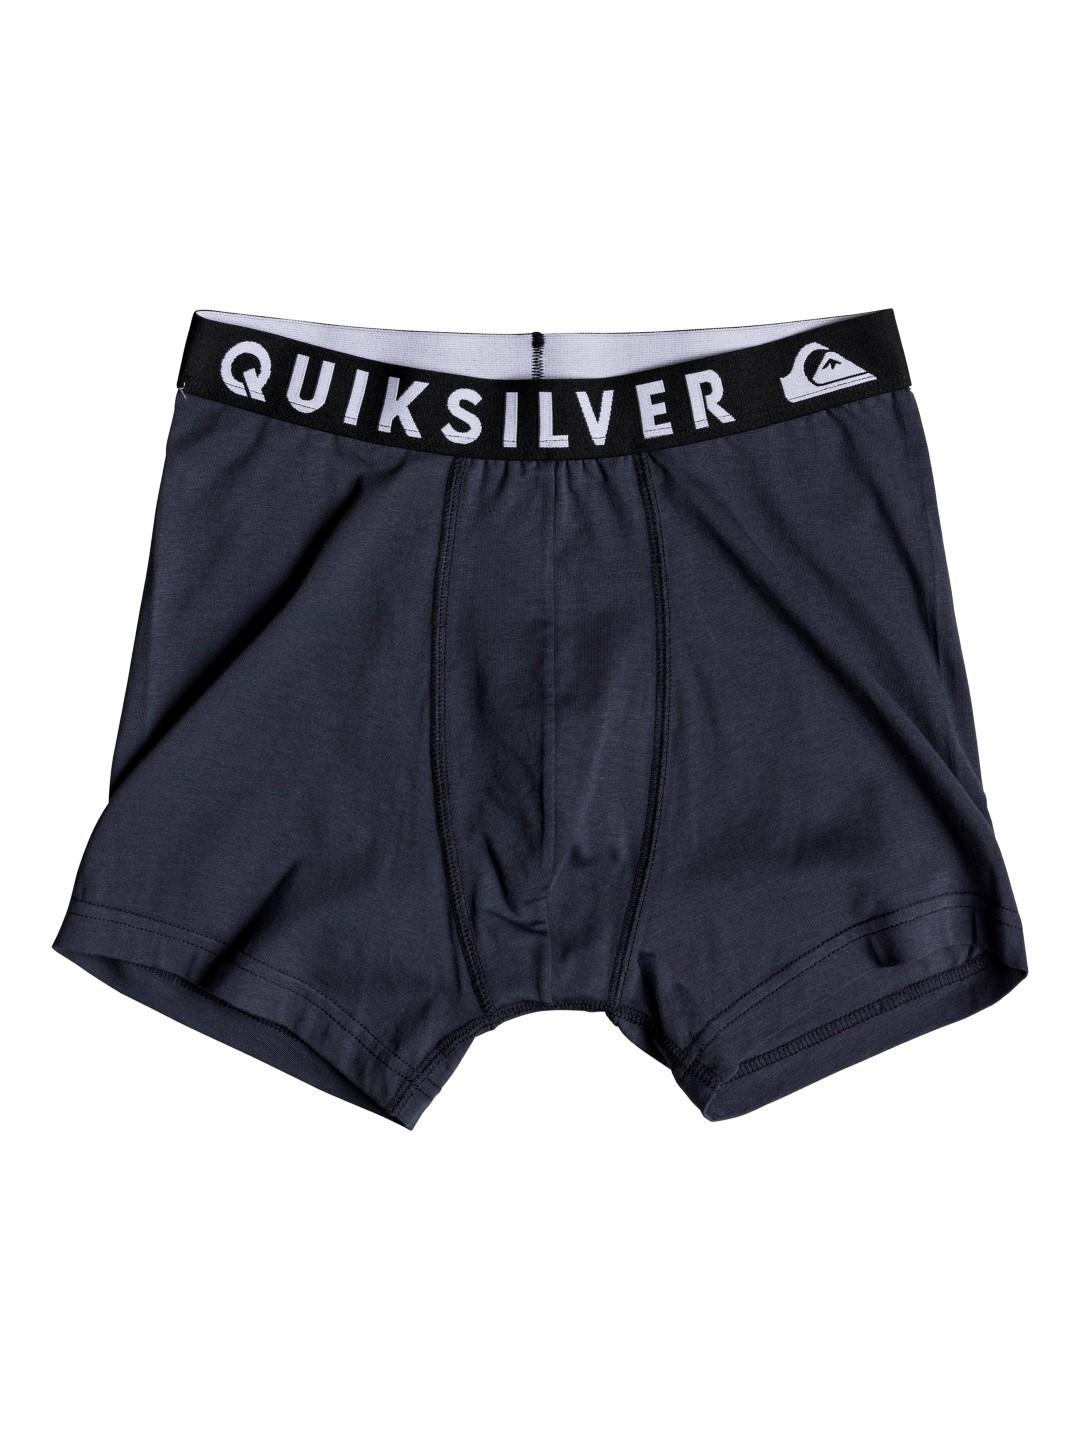 Men's boxers QUIKSILVER BOXER EDITION